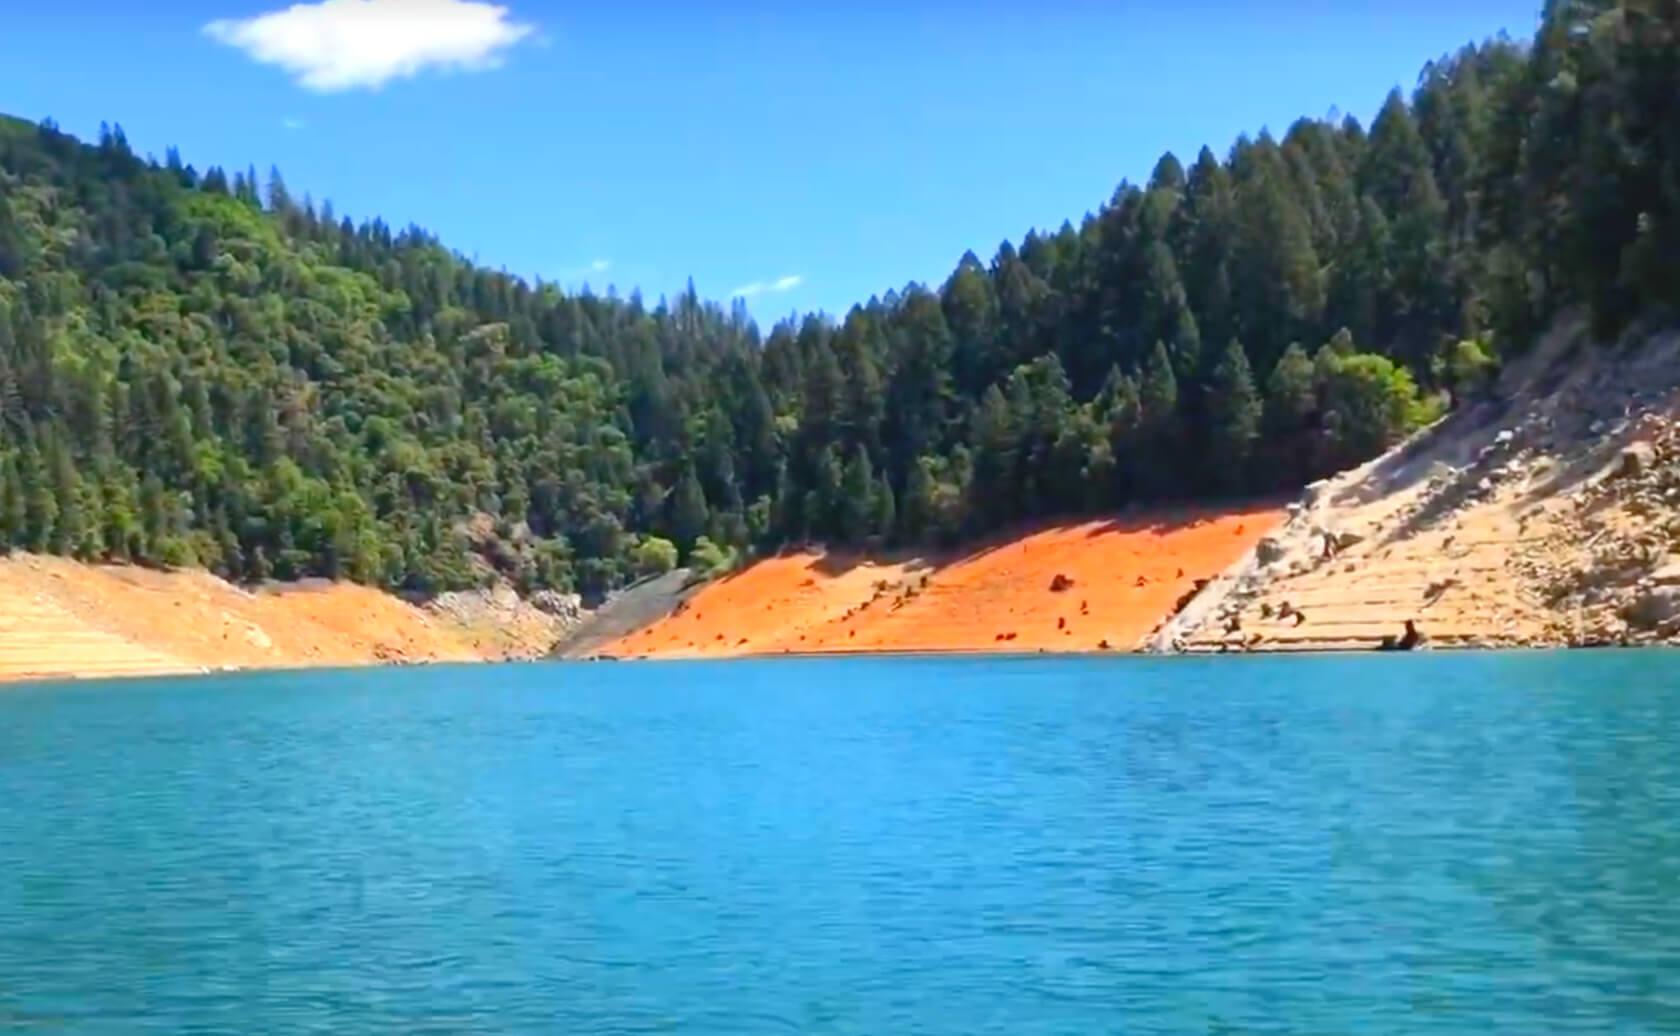 New-Bullards-Bar-Reservoir-Lake-Fishing-Guide-Report-California-07